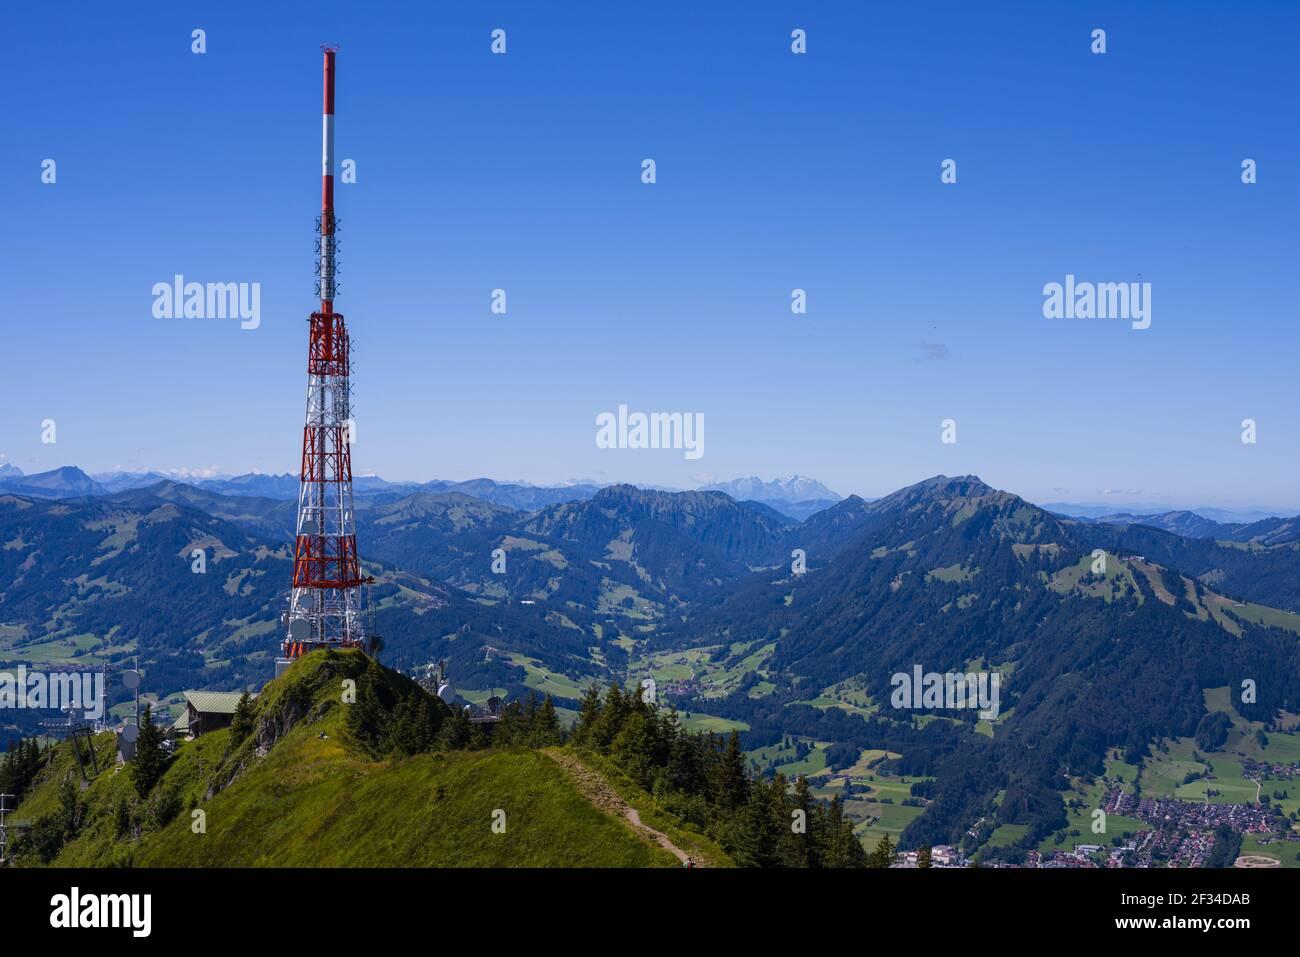 Geografía / viajes, Alemania, Baviera, torre de transmisión de la transmisión bávara, Gruenten, 1738m, Valle de Iller, Allgaeu Alpes, , Libertad de Panorama Foto de stock